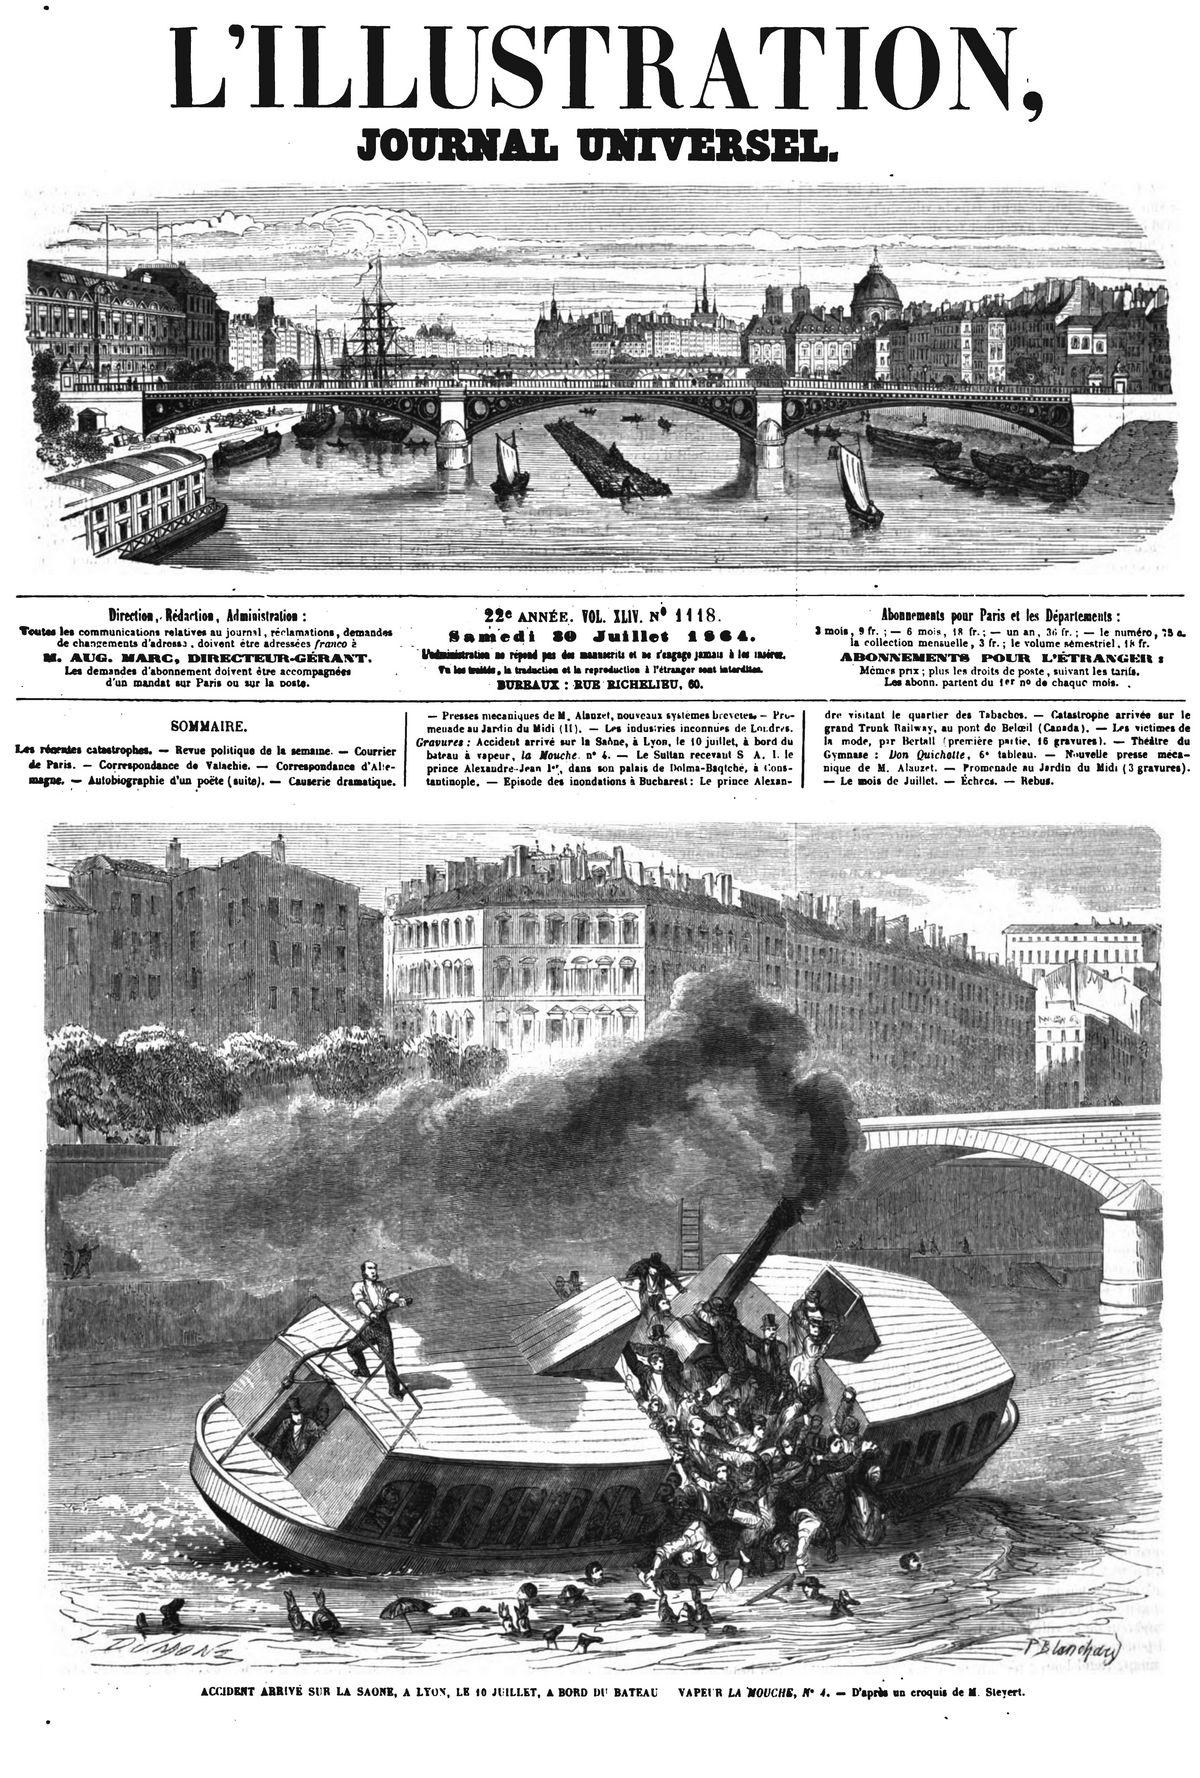 Accident arrivé sur la Saone, à Lyon, le 10 juillet, à bord du bateau à vapeur, la Mouche.